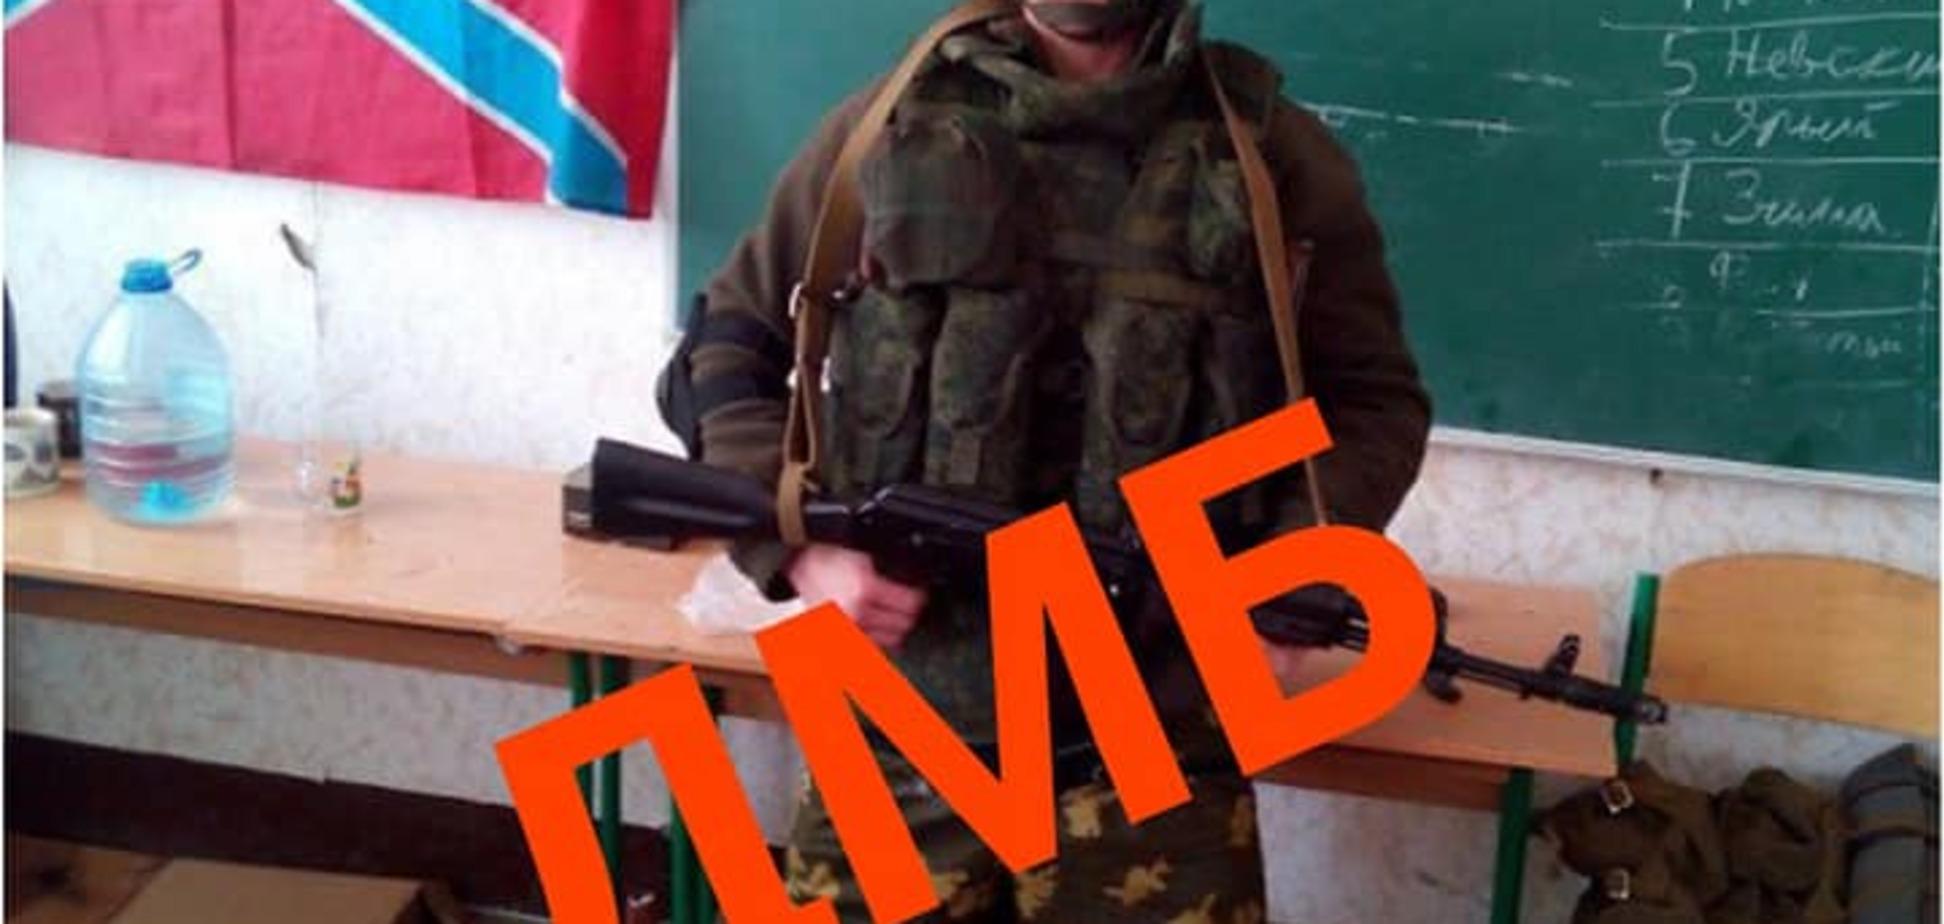 'Все буде Україна': офіцер ЗСУ показав убитих терористів 'Л/ДНР'